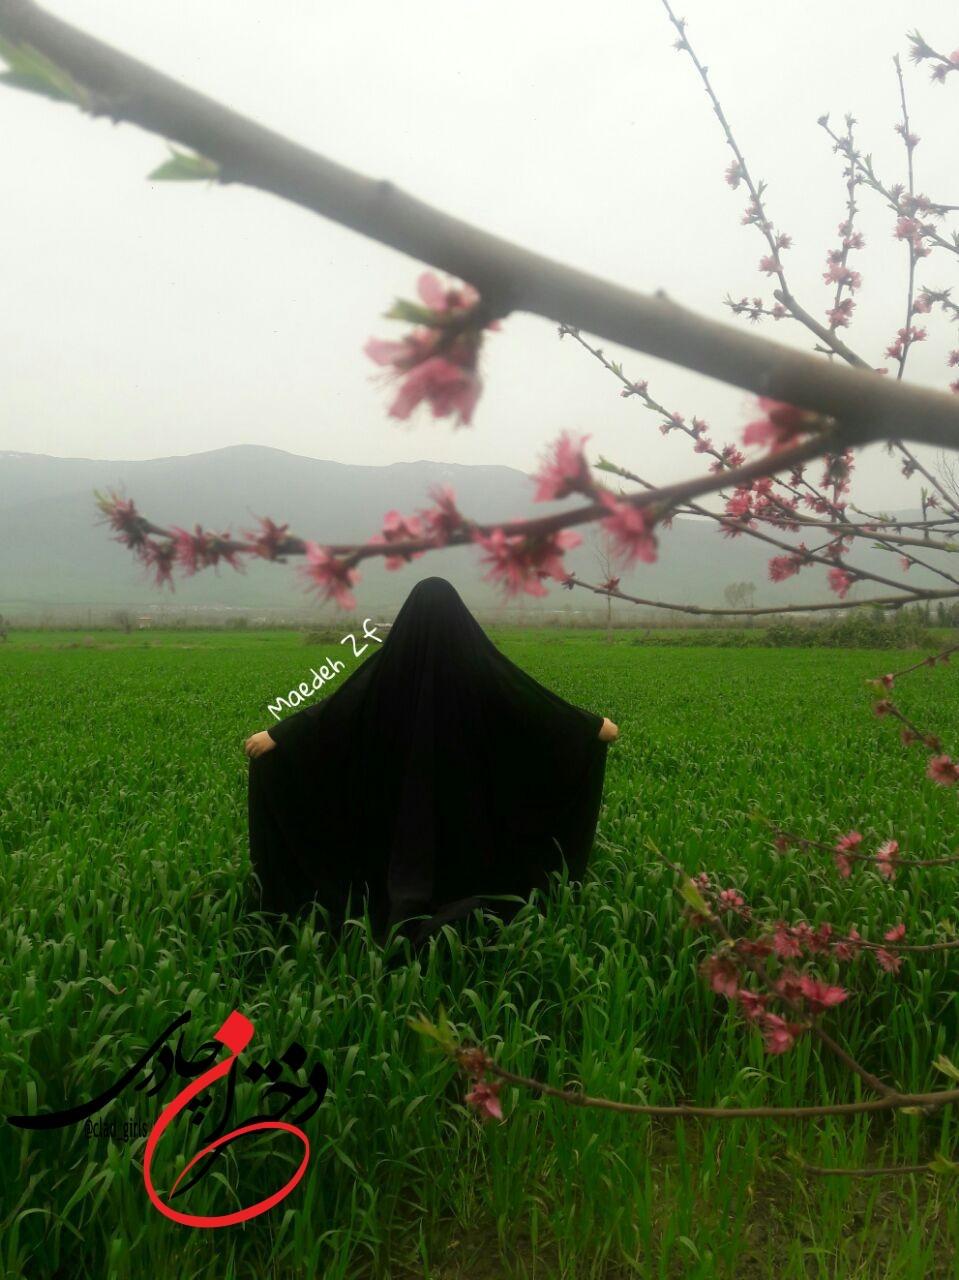 دختر چادری در پارک